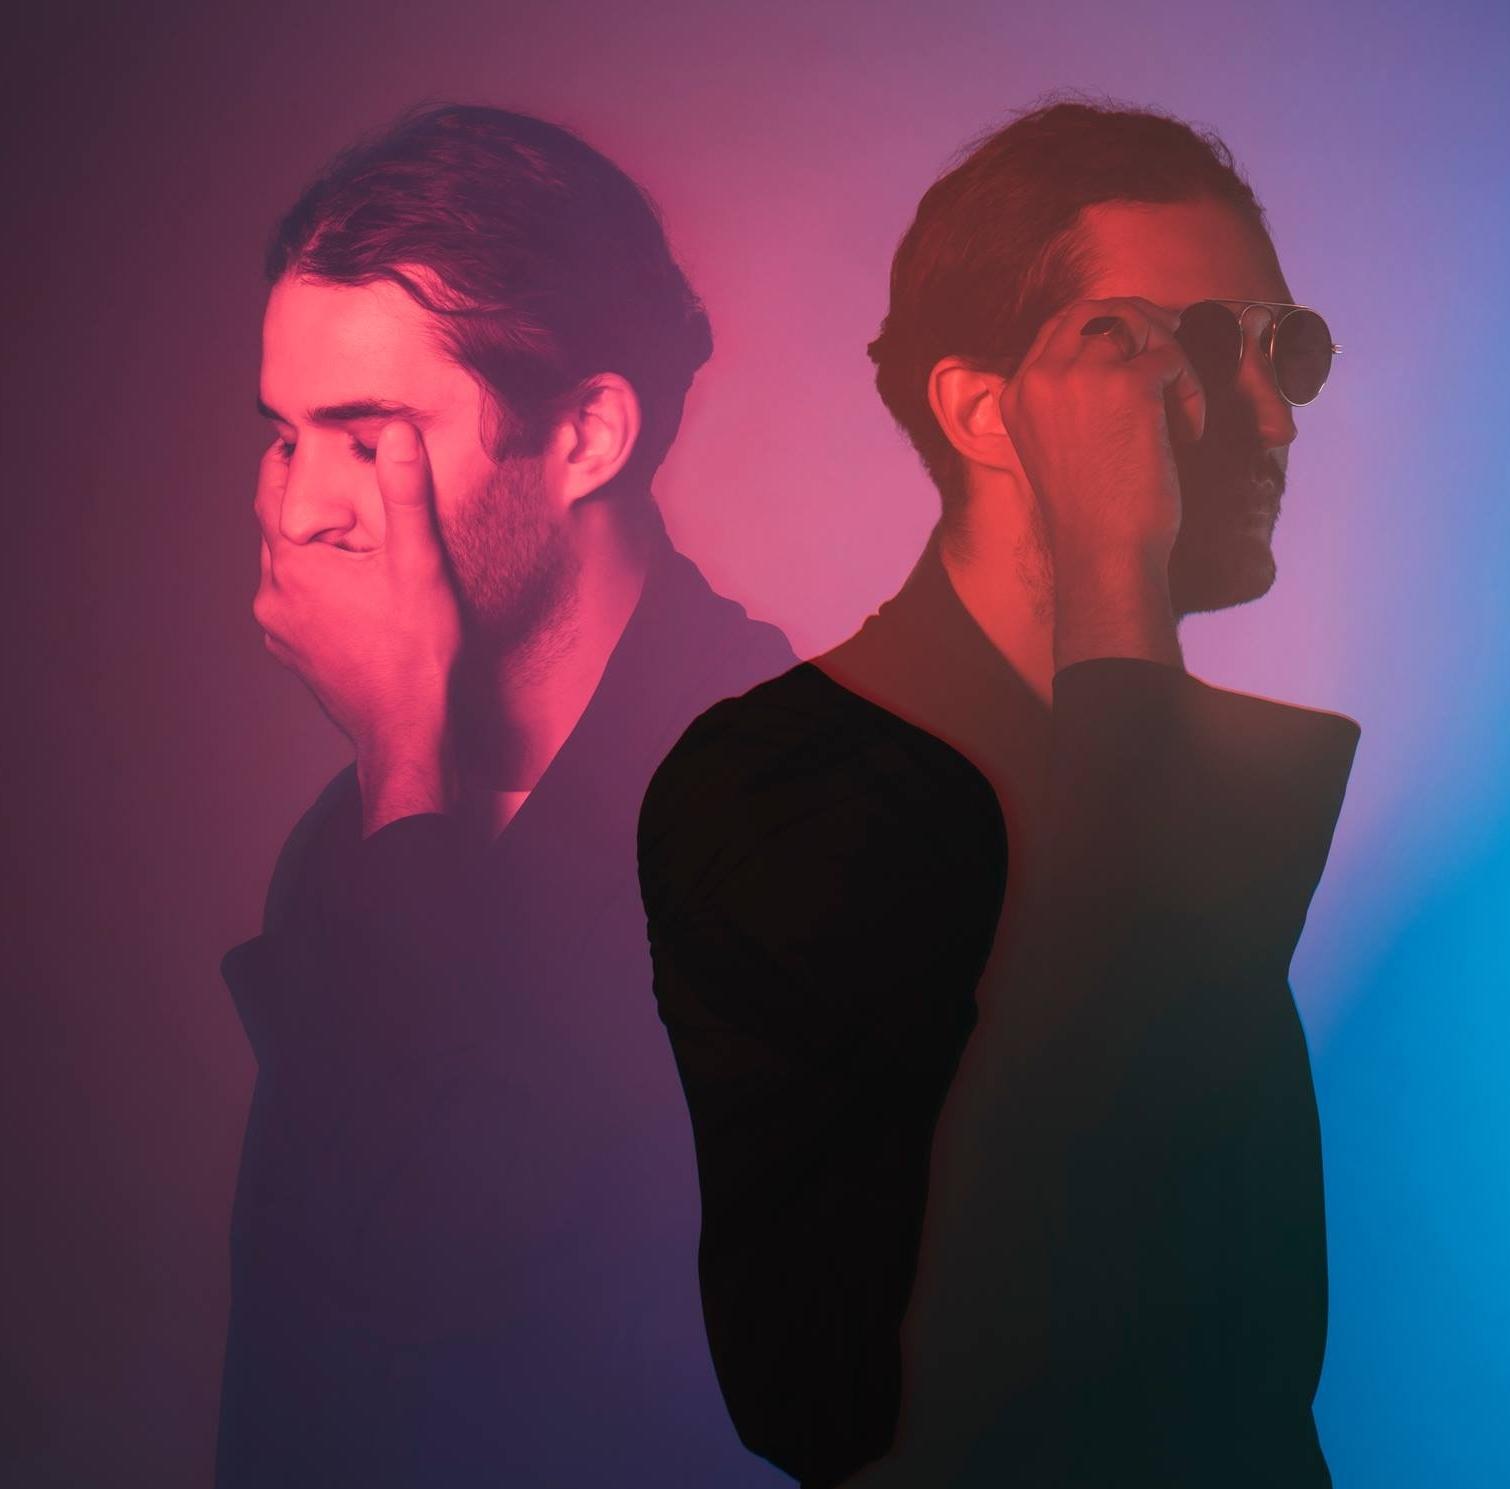 JAZIR   Jazir est un jeune artiste originaire de Paris, dont les productions oscillent entre RnB et électro, teintées de future beats Il incarne cette nouvelle génération de producteur toujours en quête de découverte. Après son 1er EP «Endless Night » sorti en février 2017, Jazir revient prochainement avec un second opus intitulé «Kvalkade ».